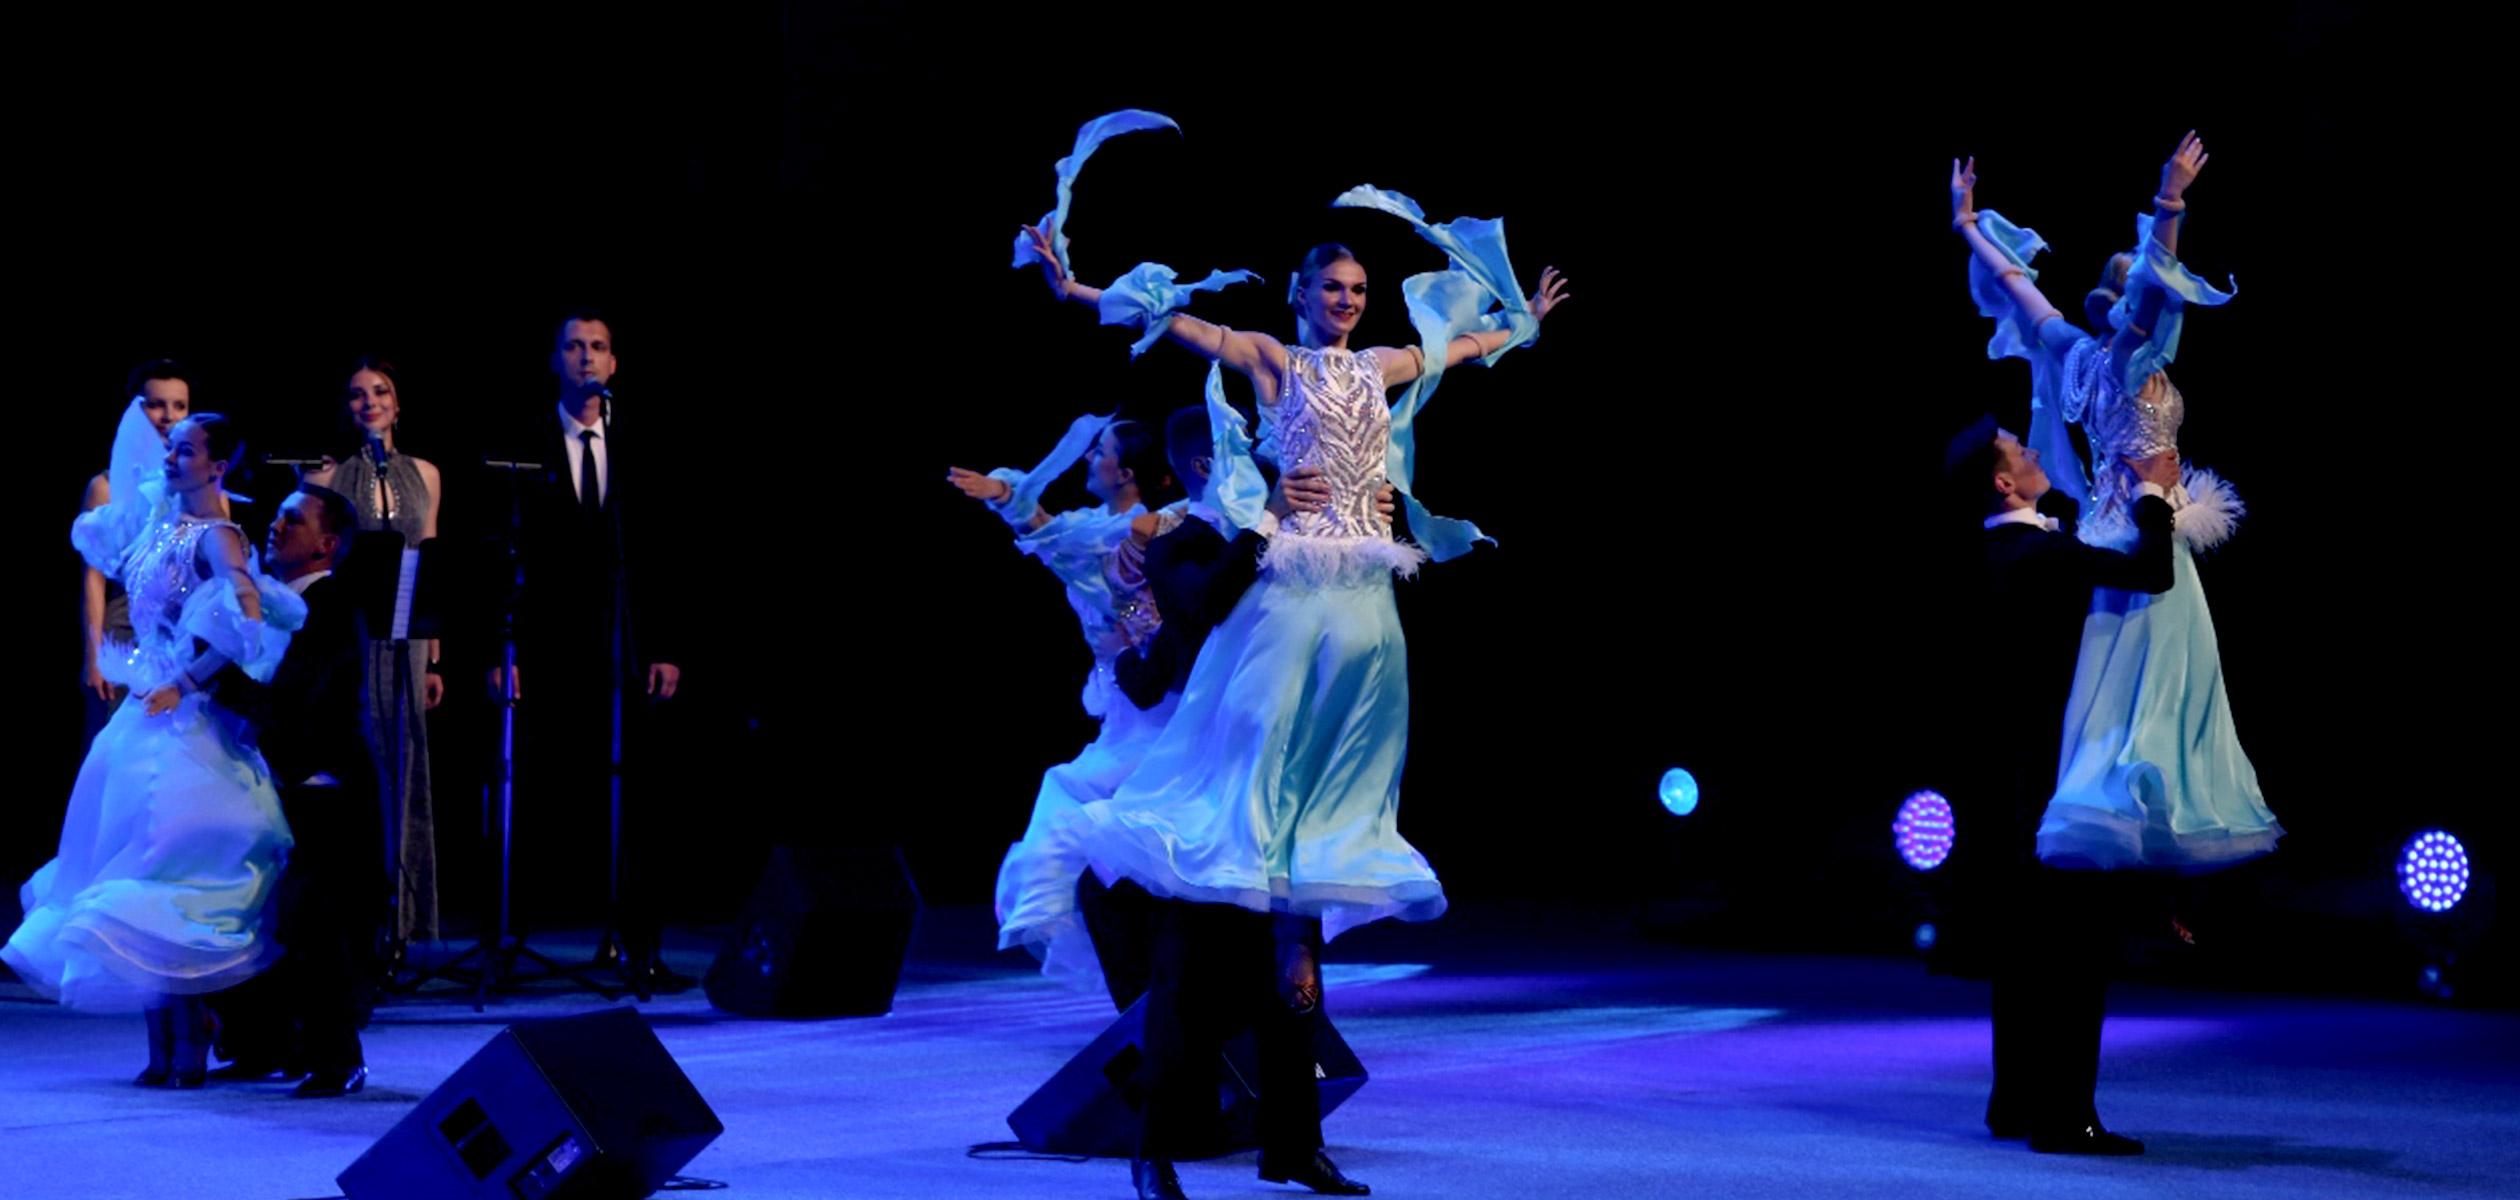 balet-predstava.jpg